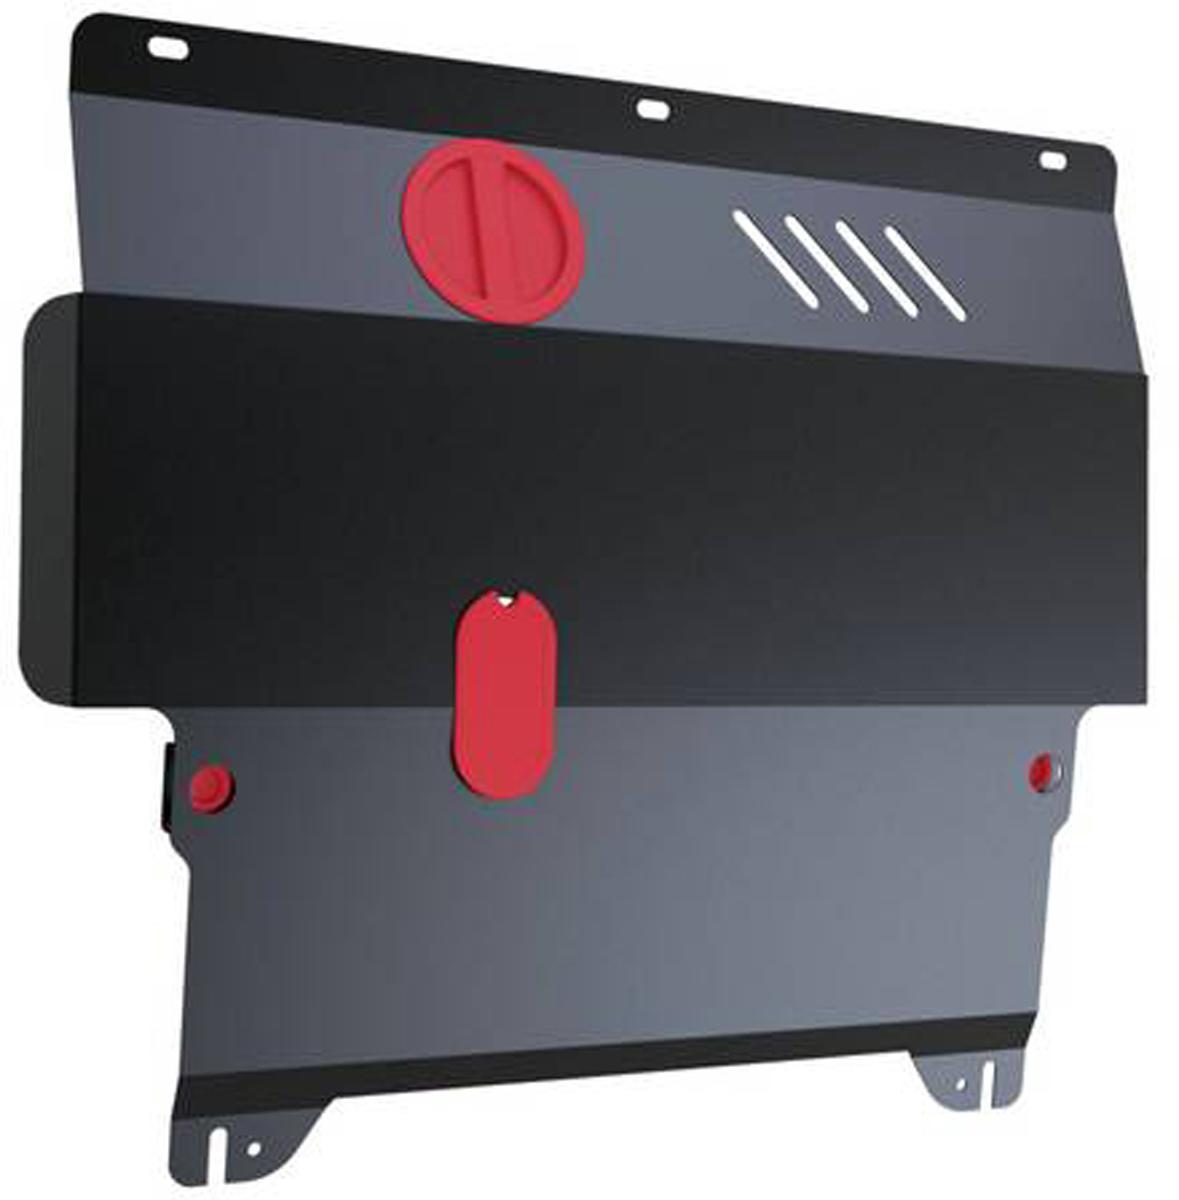 Защита картера и КПП Автоброня Mazda 2 2008-2015/Mazda Demio 2008-2015, сталь 2 мм111.03801.2Защита картера и КПП Автоброня для Mazda 2, V - 1,5 2008-2015/Mazda Demio, V - 1,5 2008-2015, сталь 2 мм, комплект крепежа, 111.03801.2Стальные защиты Автоброня надежно защищают ваш автомобиль от повреждений при наезде на бордюры, выступающие канализационные люки, кромки поврежденного асфальта или при ремонте дорог, не говоря уже о загородных дорогах. - Имеют оптимальное соотношение цена-качество. - Спроектированы с учетом особенностей автомобиля, что делает установку удобной. - Защита устанавливается в штатные места кузова автомобиля. - Является надежной защитой для важных элементов на протяжении долгих лет. - Глубокий штамп дополнительно усиливает конструкцию защиты. - Подштамповка в местах крепления защищает крепеж от срезания. - Технологические отверстия там, где они необходимы для смены масла и слива воды, оборудованные заглушками, закрепленными на защите. Толщина стали 2 мм. В комплекте крепеж и инструкция по установке.